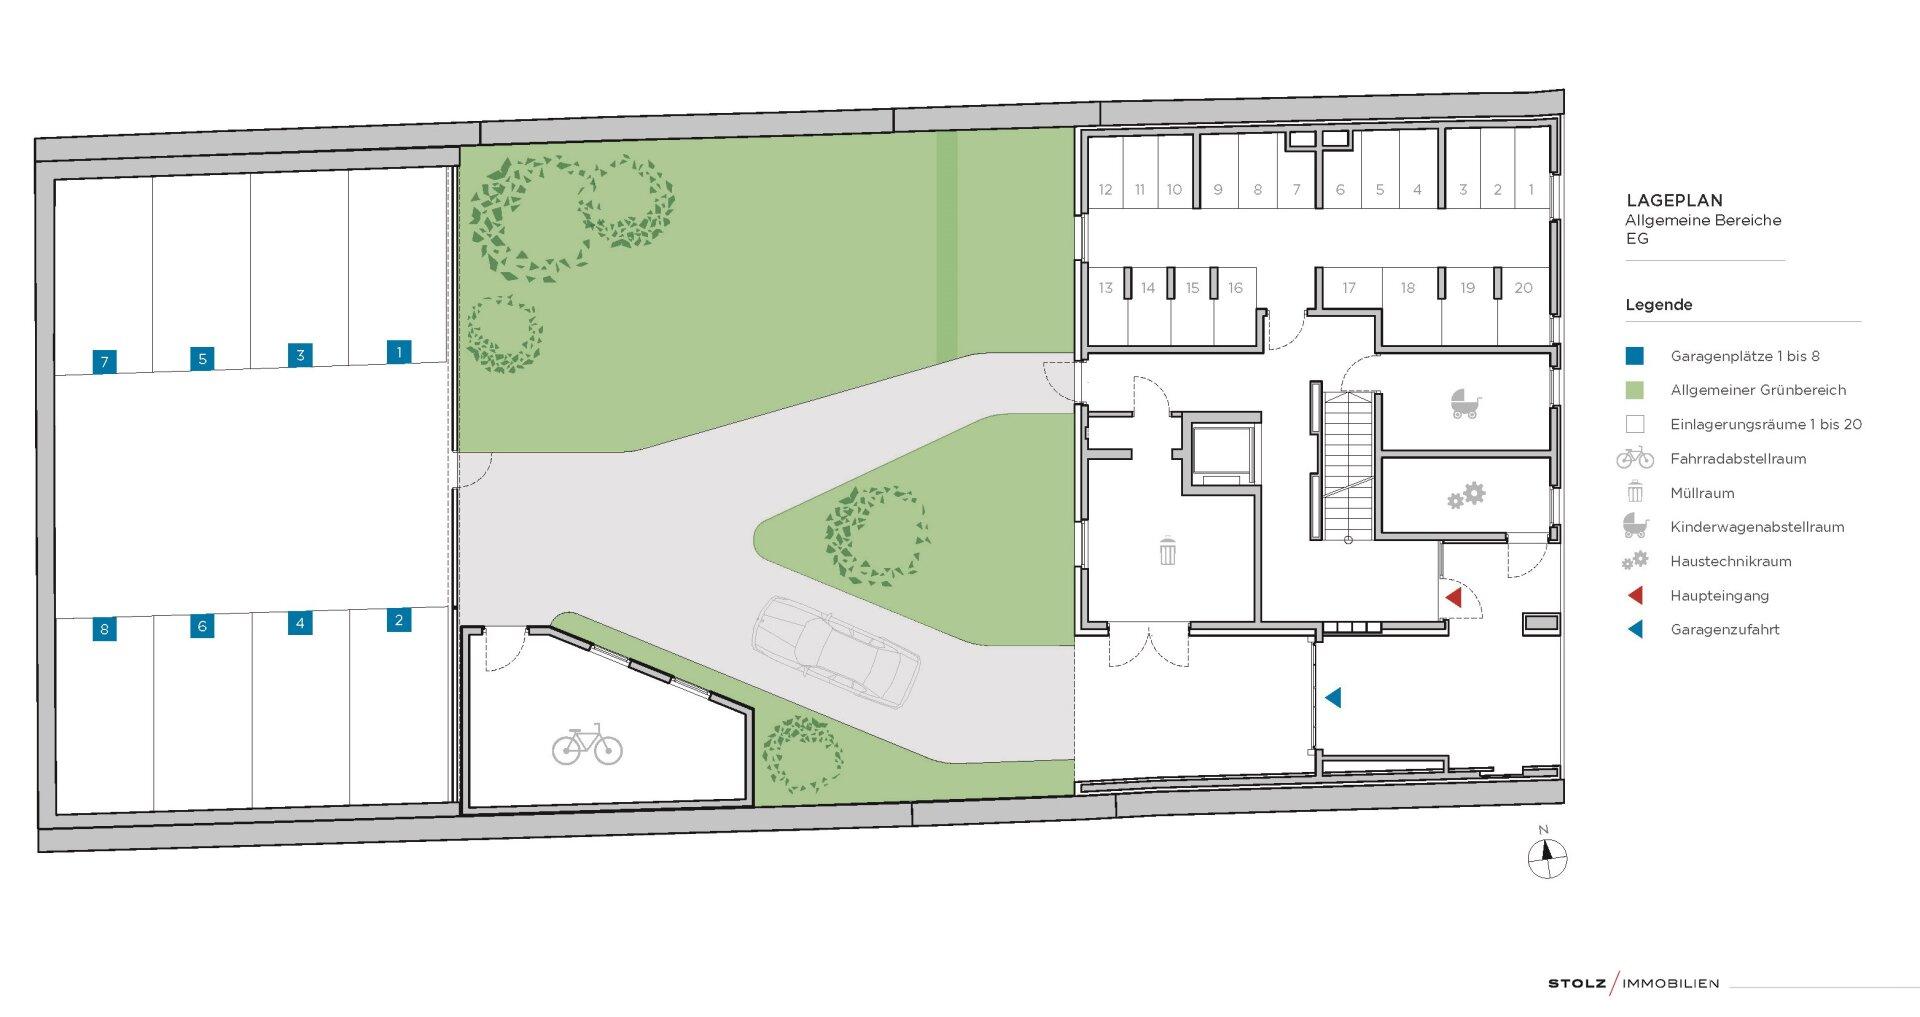 Plan der Allgemeinflächen